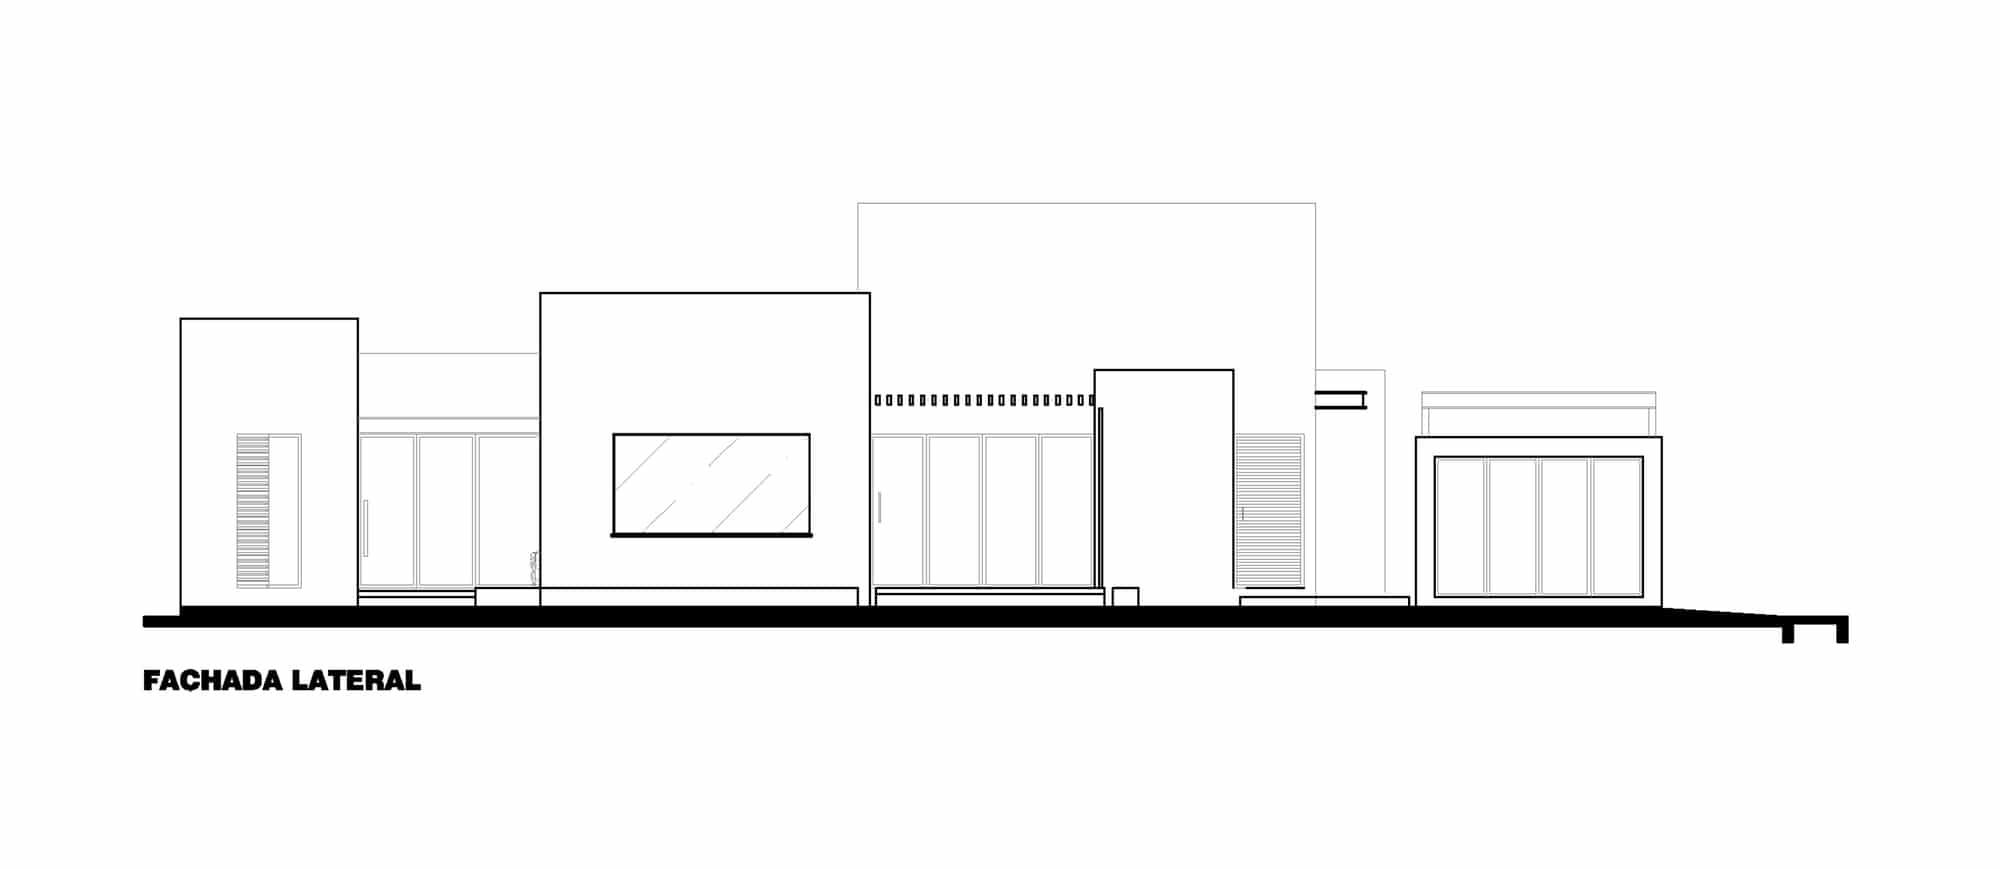 Plano de fachada lateral moderna casa construye hogar for Casas modernas planos y fachadas